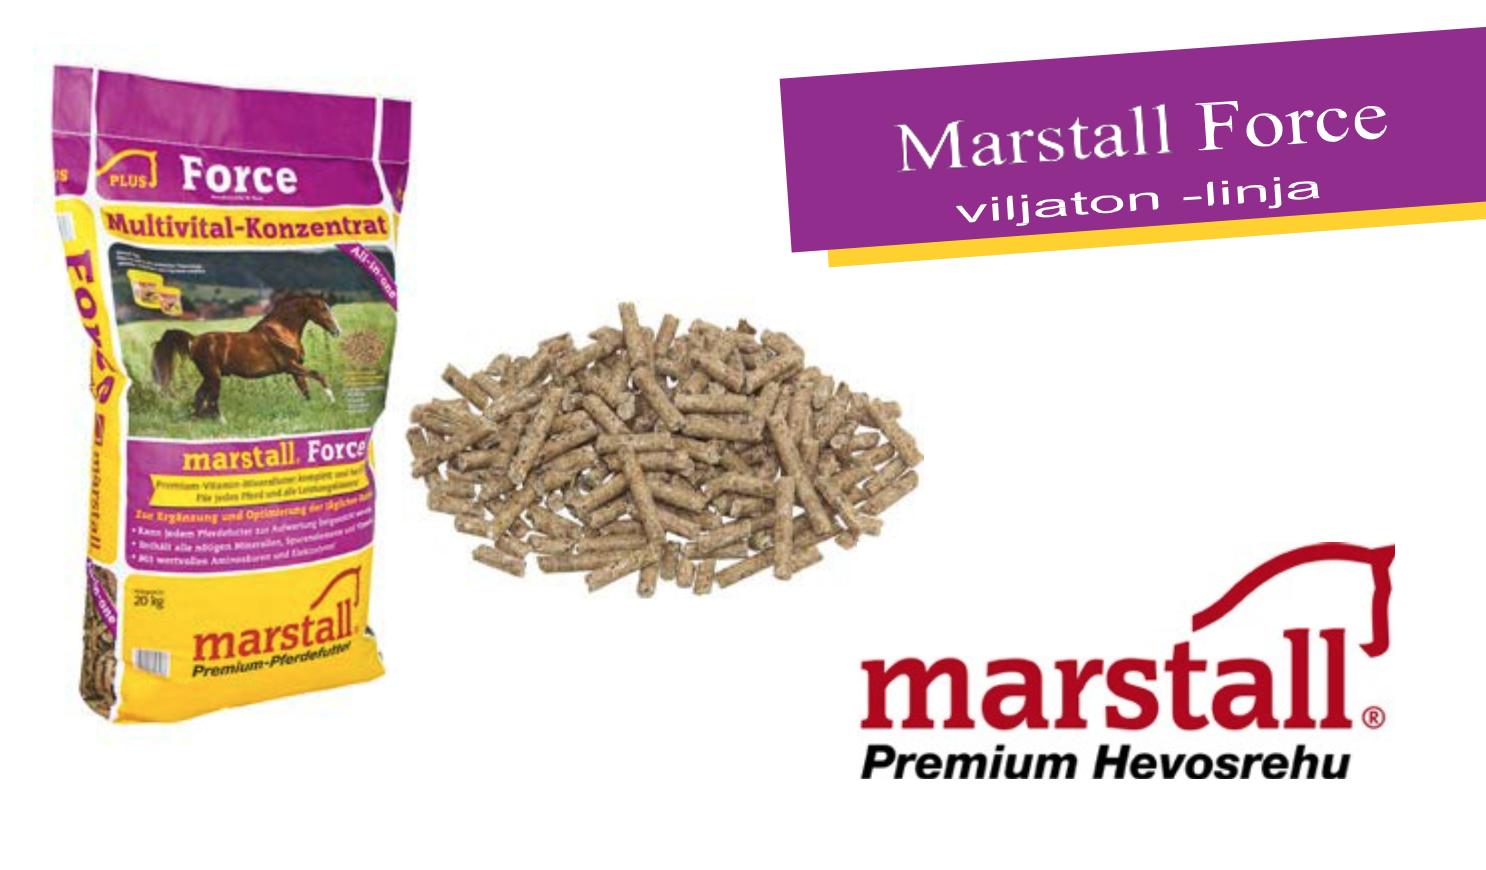 Uudistunut Marstall Force – viljaton kivennäisrehu